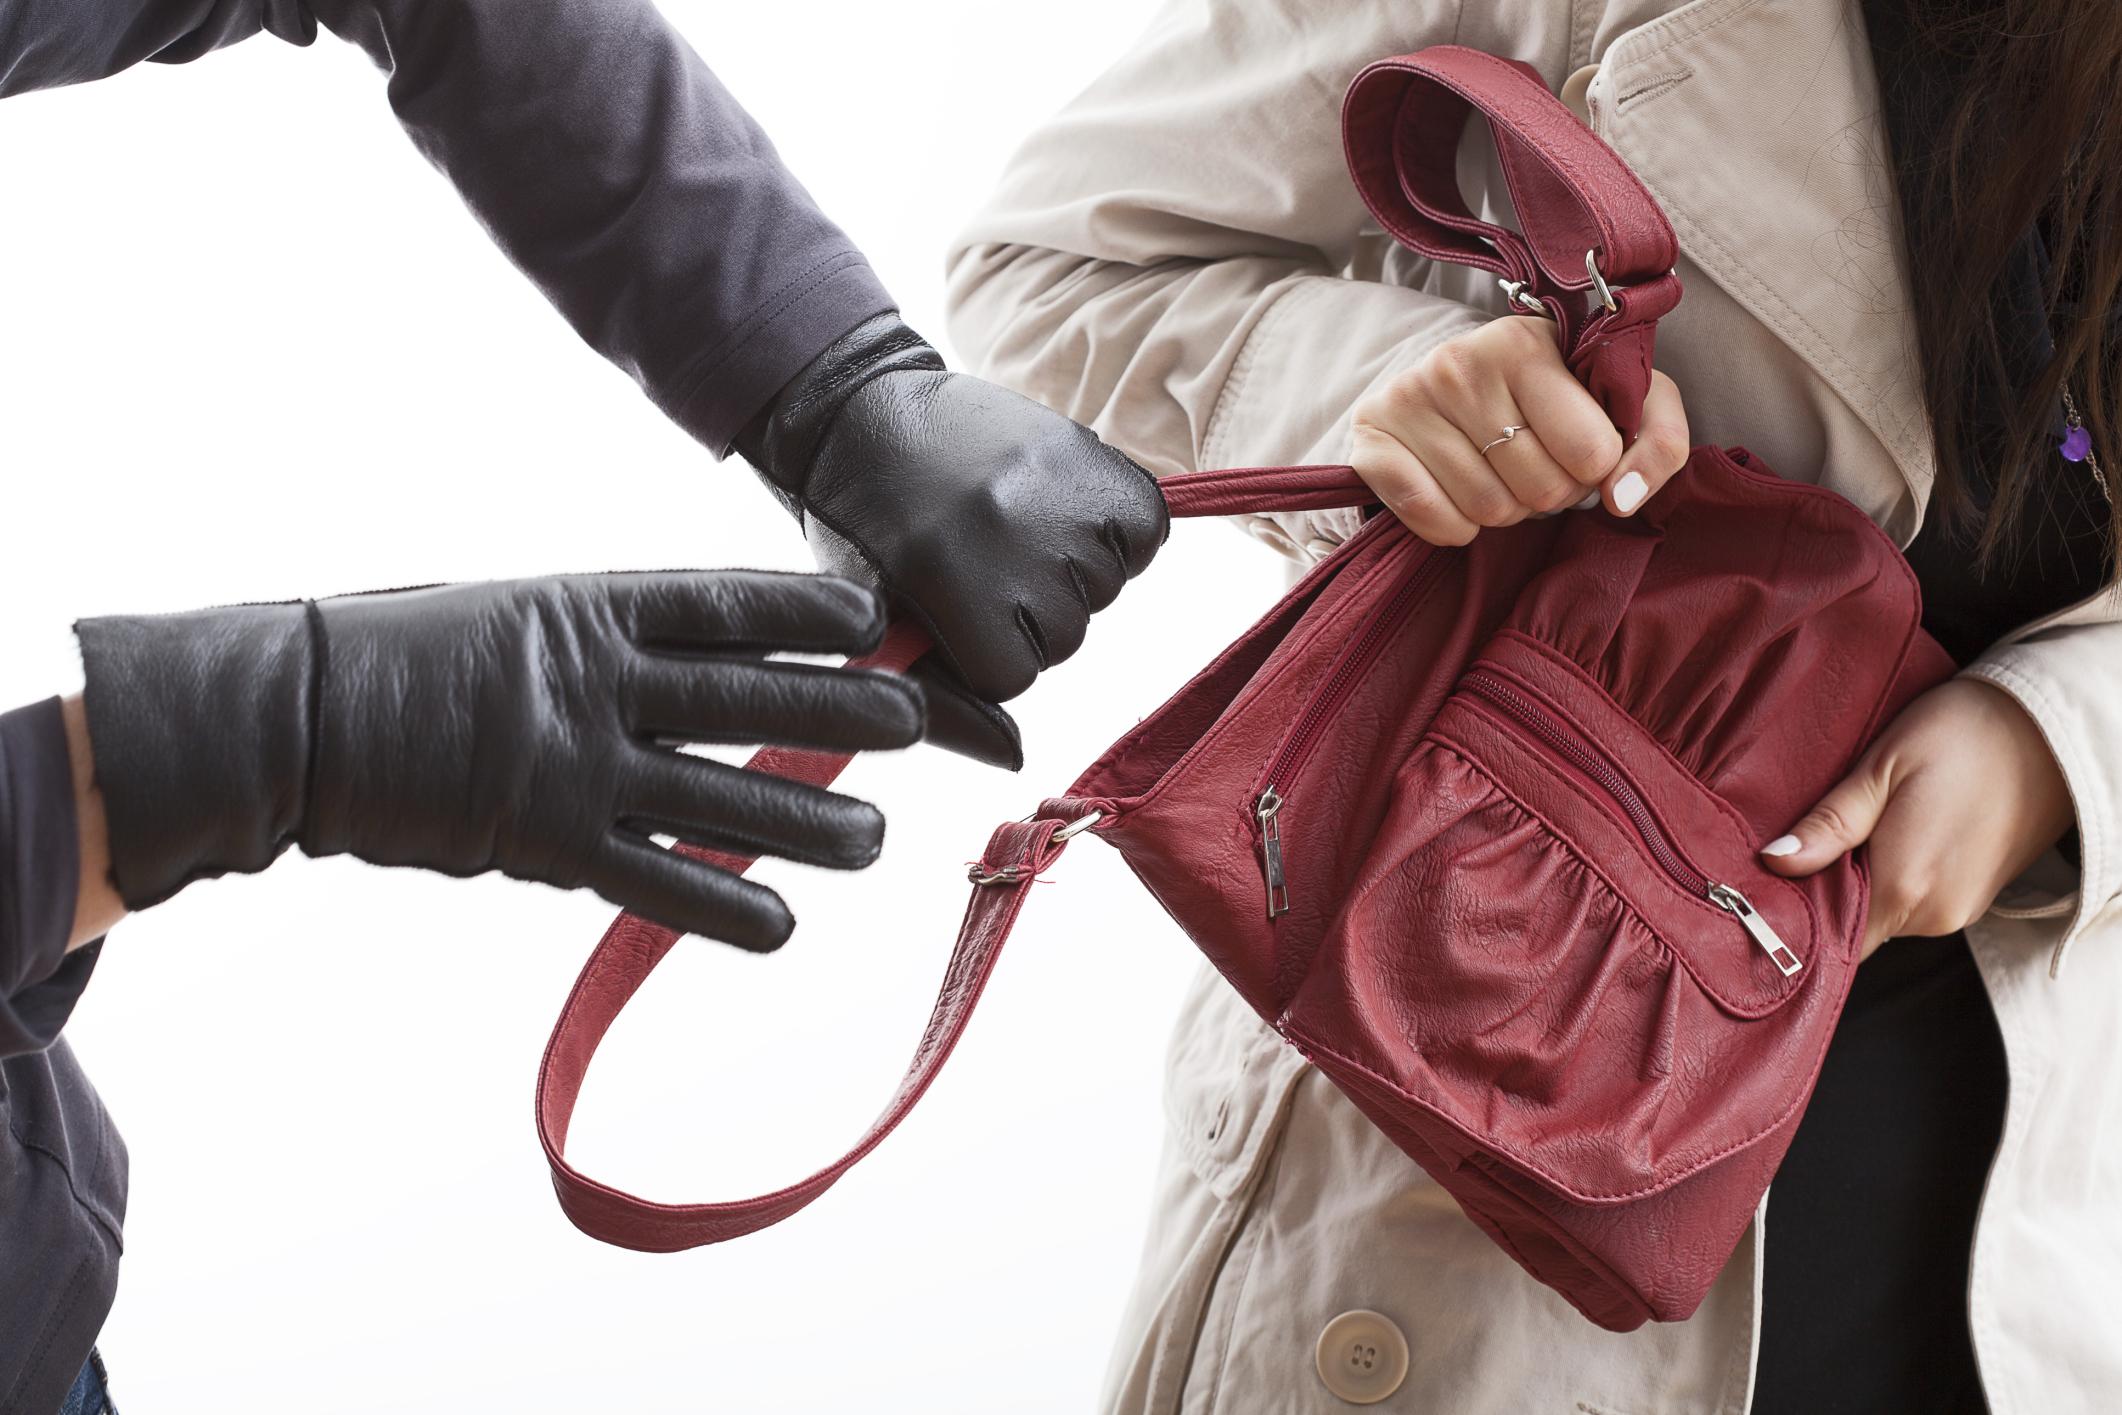 Мужчина вырвал сумки у двух женщин в Основянском районе - Происшествия Харьков